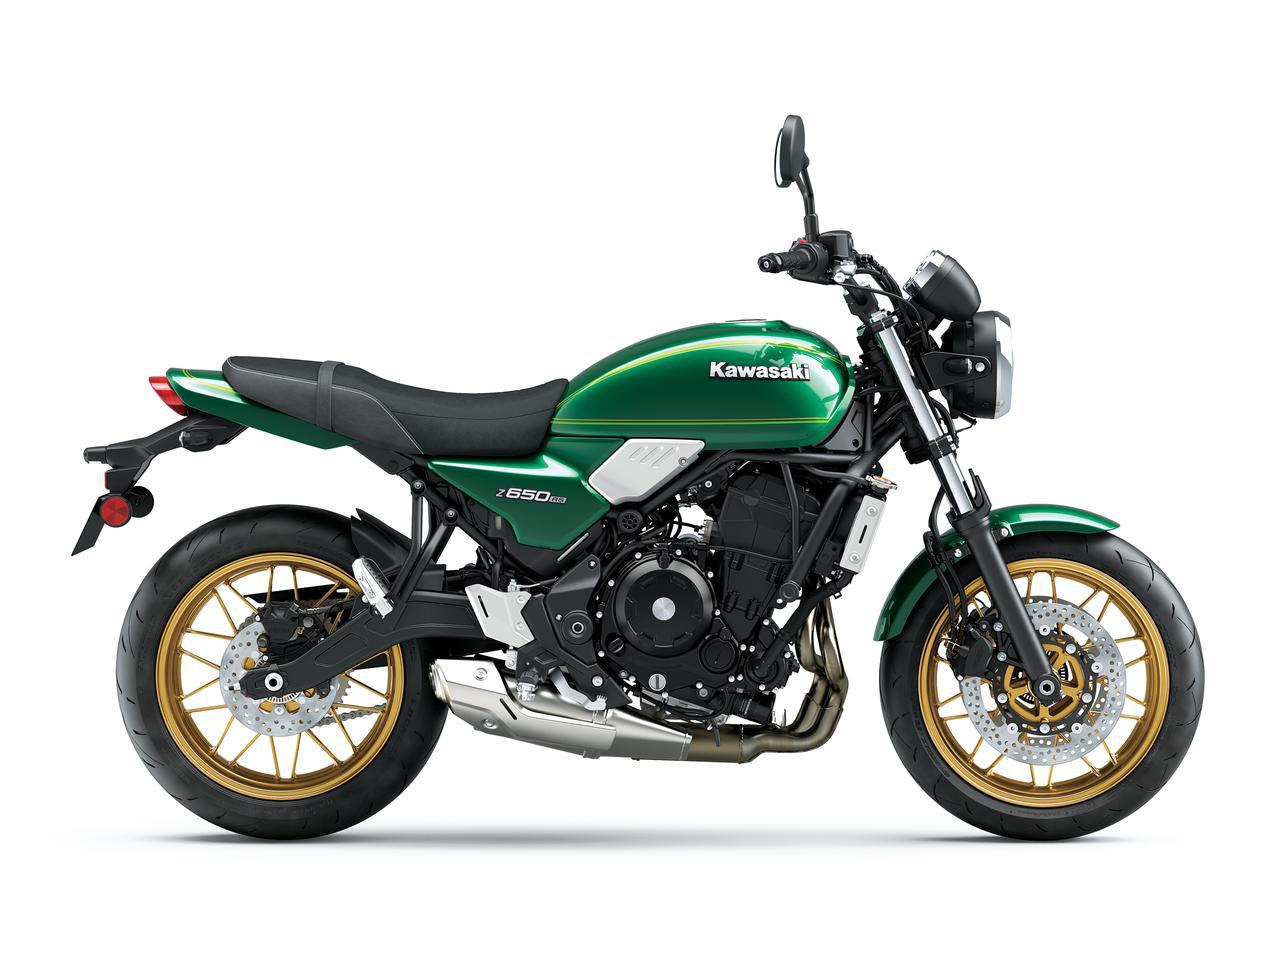 画像5: カワサキ「Z650RS」国内モデルに関する情報|発売時期が明らかに! 日本での販売価格も予想【2022速報】